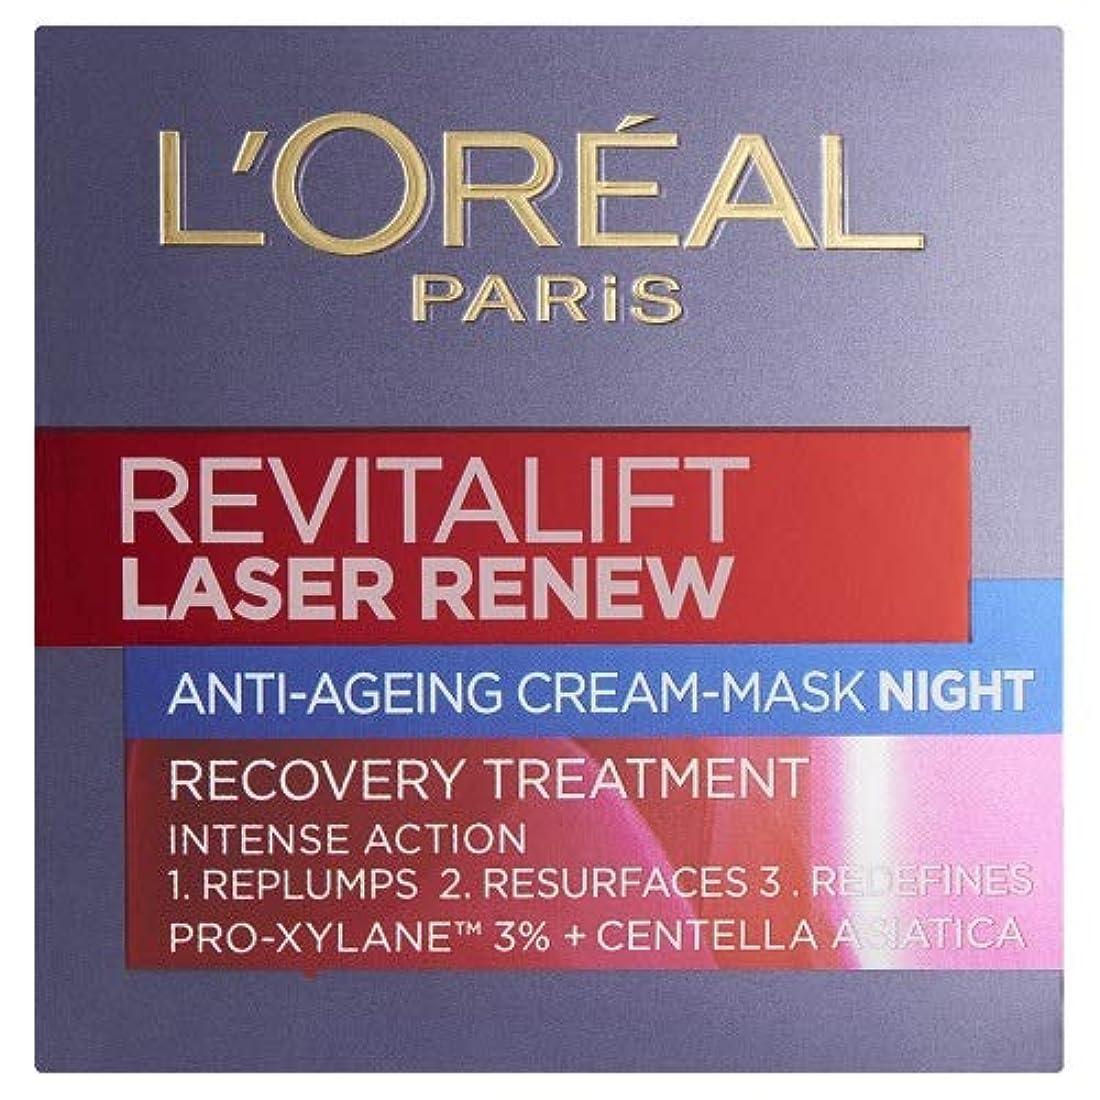 水陸両用器官否認するL'Oreal Paris Revitalift Laser Renew Night Cream (50ml) パリrevitaliftレーザーはナイトクリームを更新l'オラ?ら( 50ミリリットル)